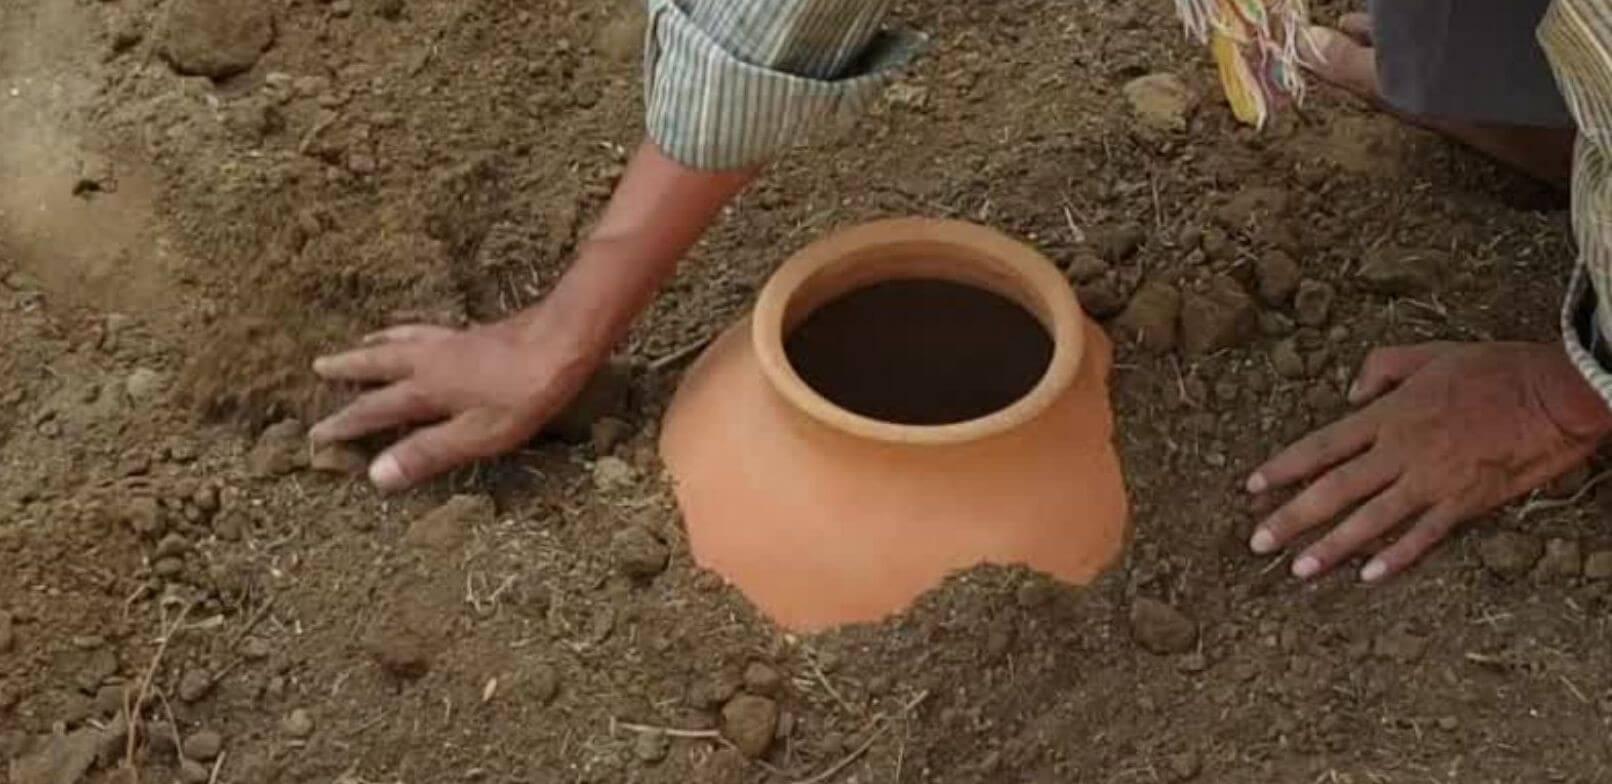 Buried Clay Pot Plantation Technique